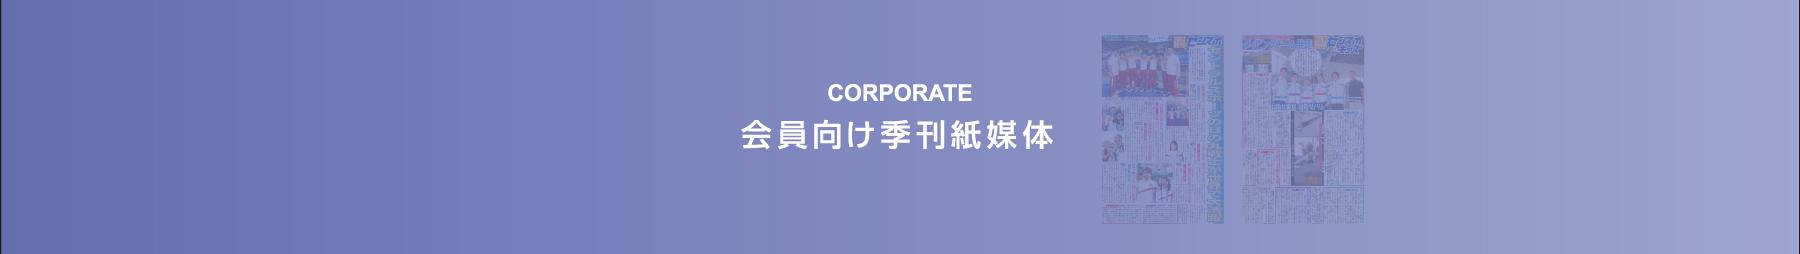 会員向け季刊紙媒体 -CORPORATE-